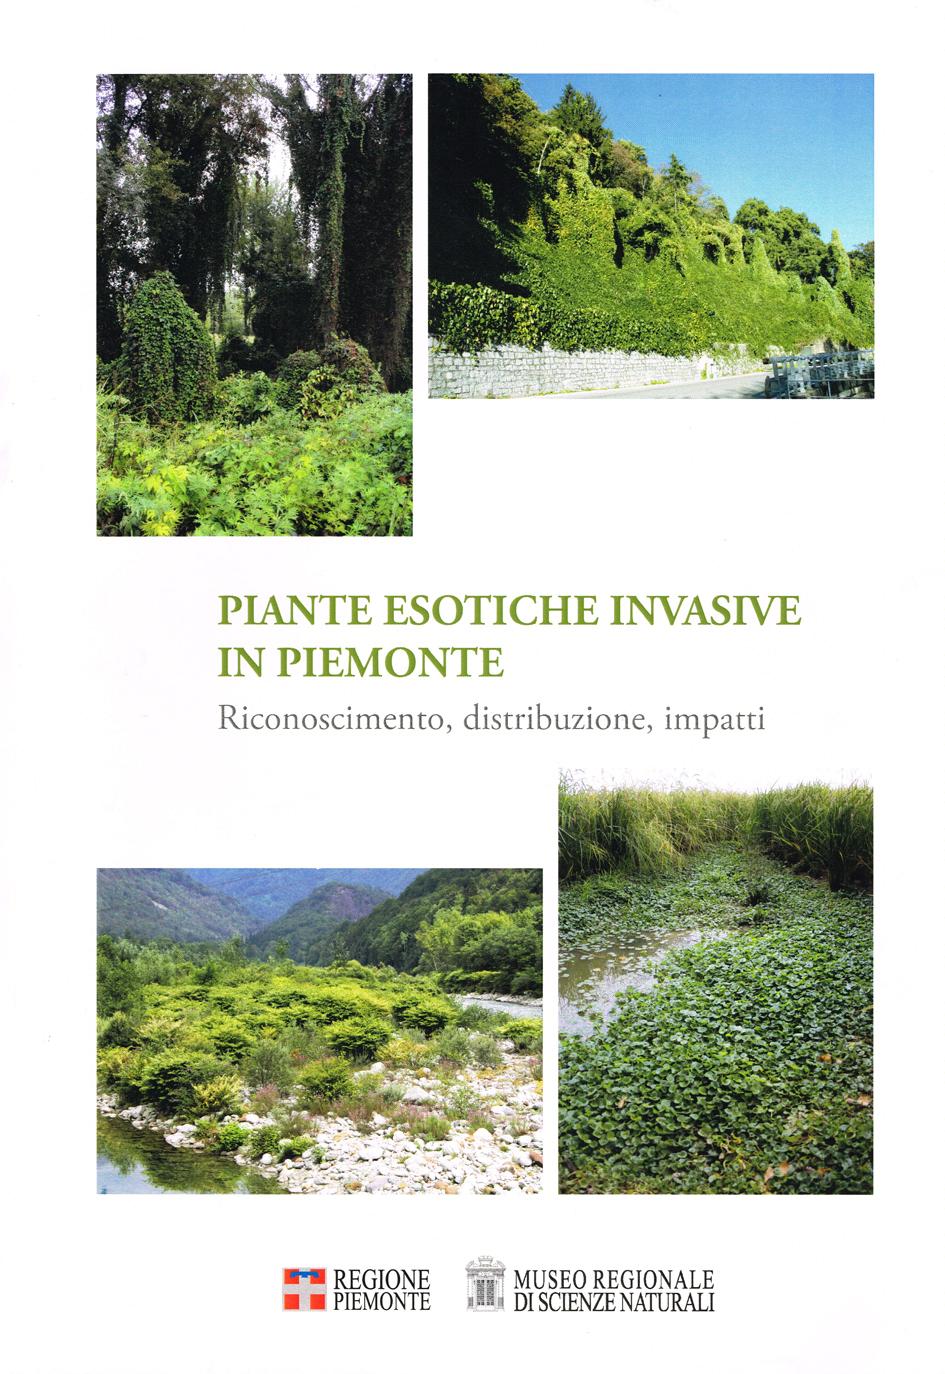 Piante esotiche invasive in Piemonte